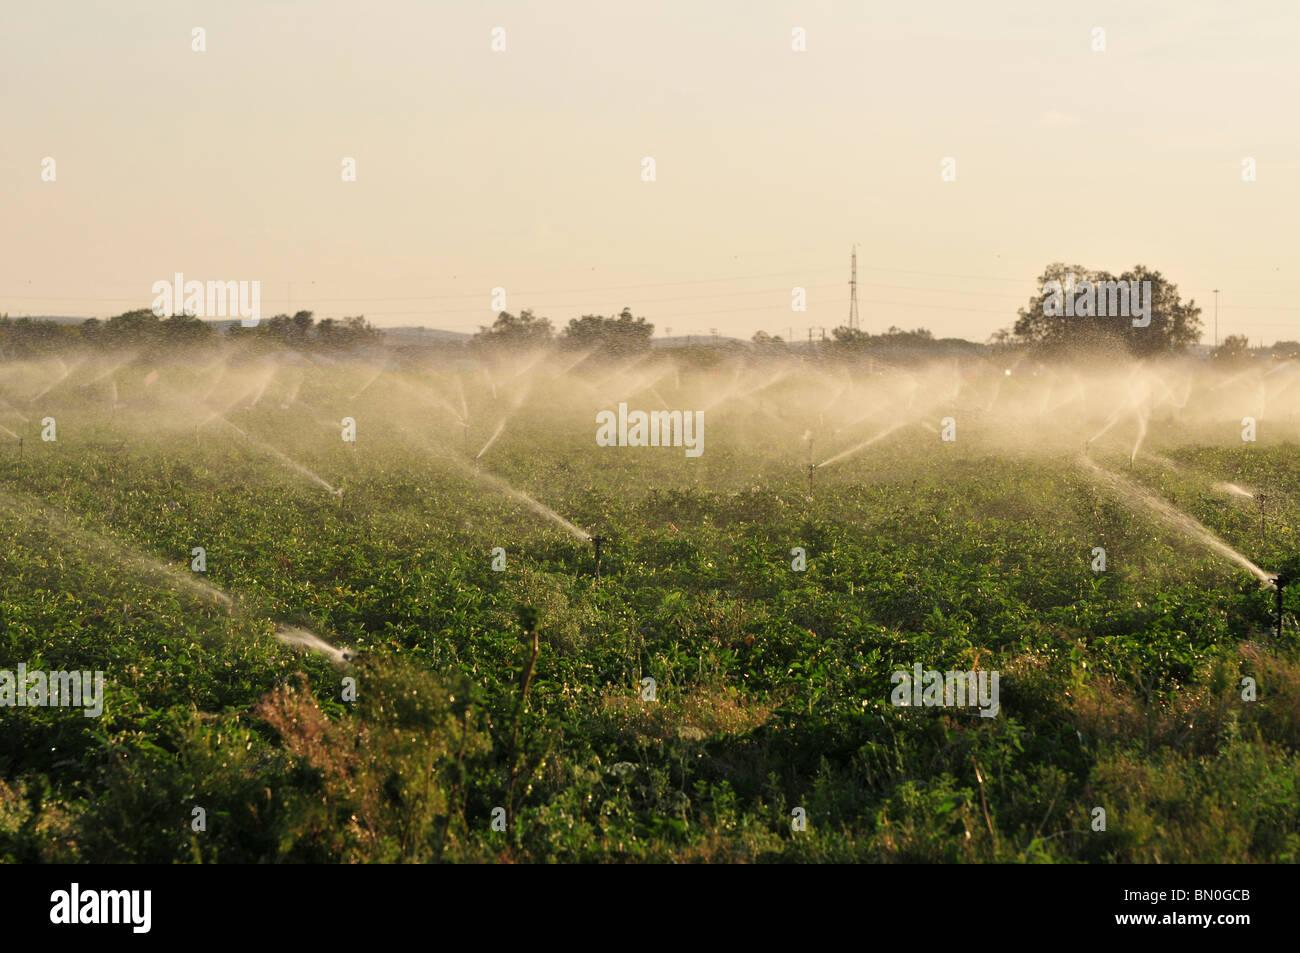 Israel, Negev Desert, field irrigation with sprinklers a wasteful watering method - Stock Image